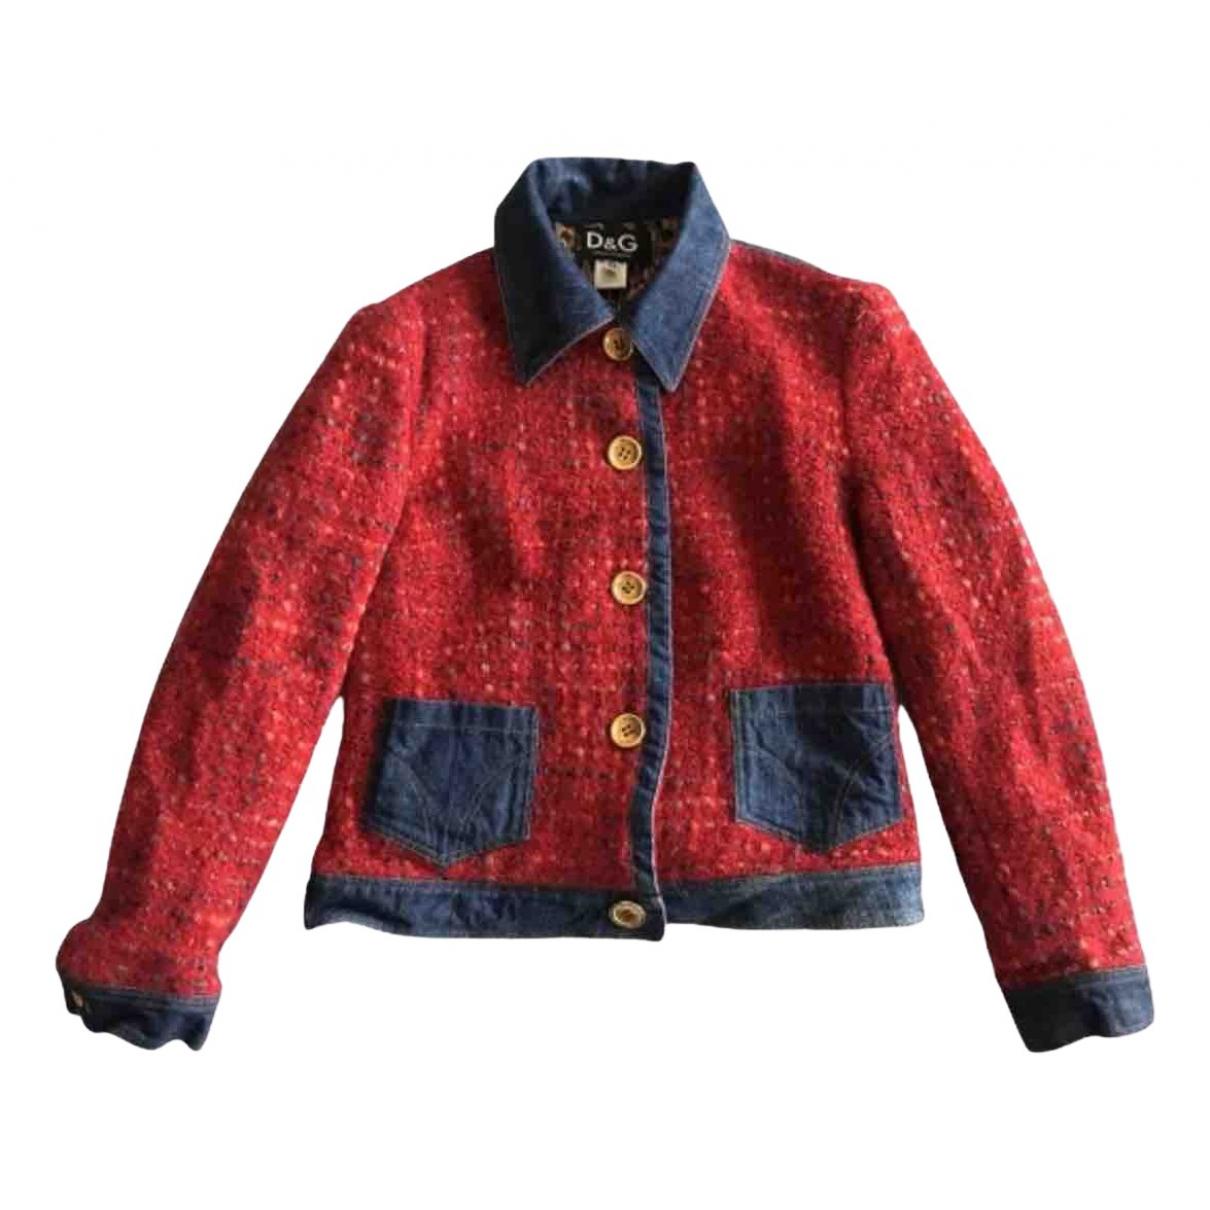 D&g - Veste   pour femme en laine - multicolore